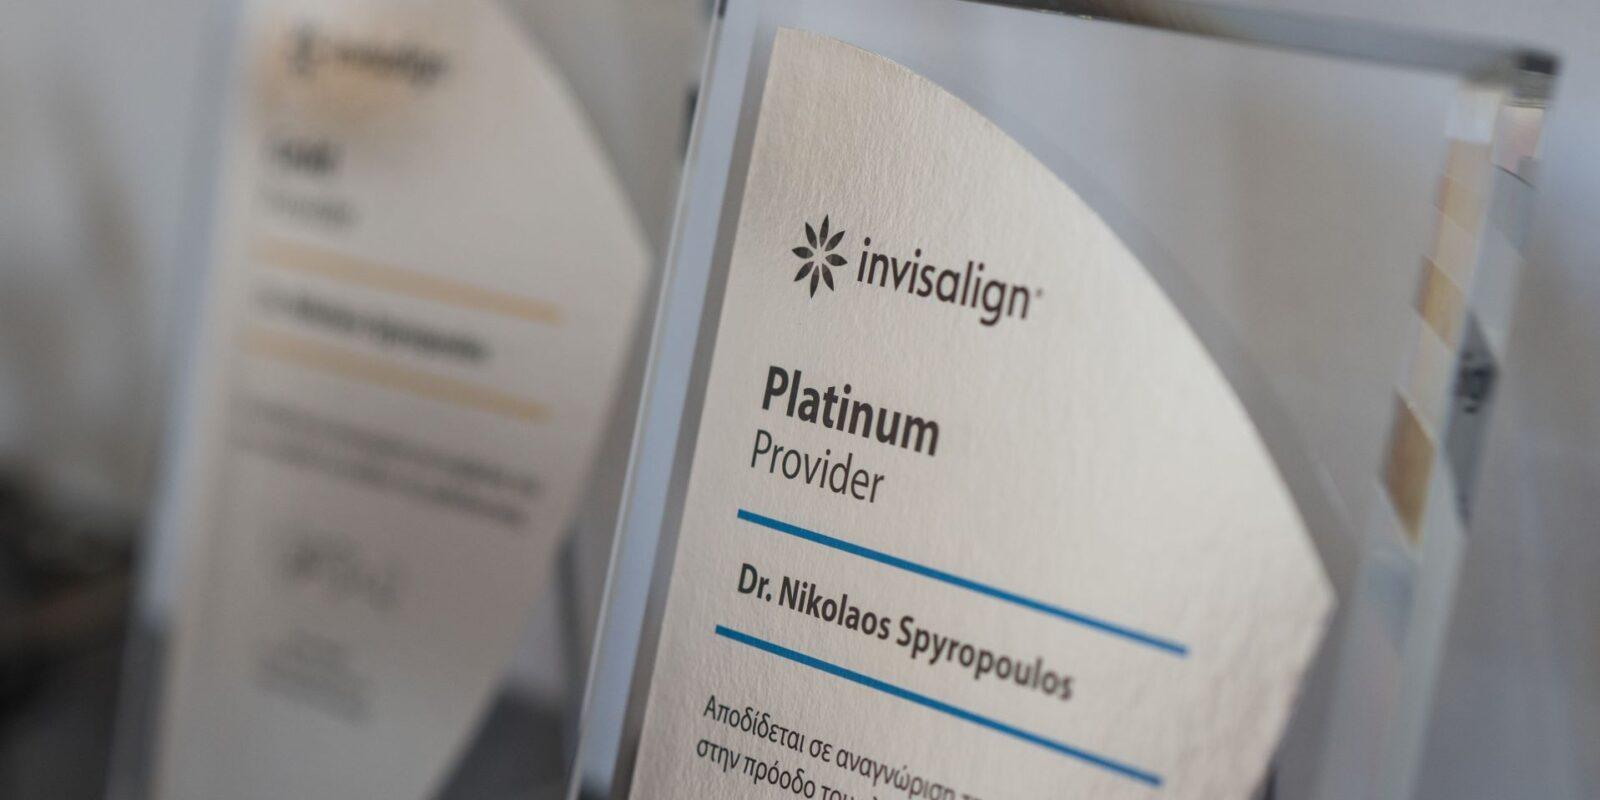 Νίκος Σπυρόπουλος ορθοδοντικός Invisalign Platinum Elite Provider